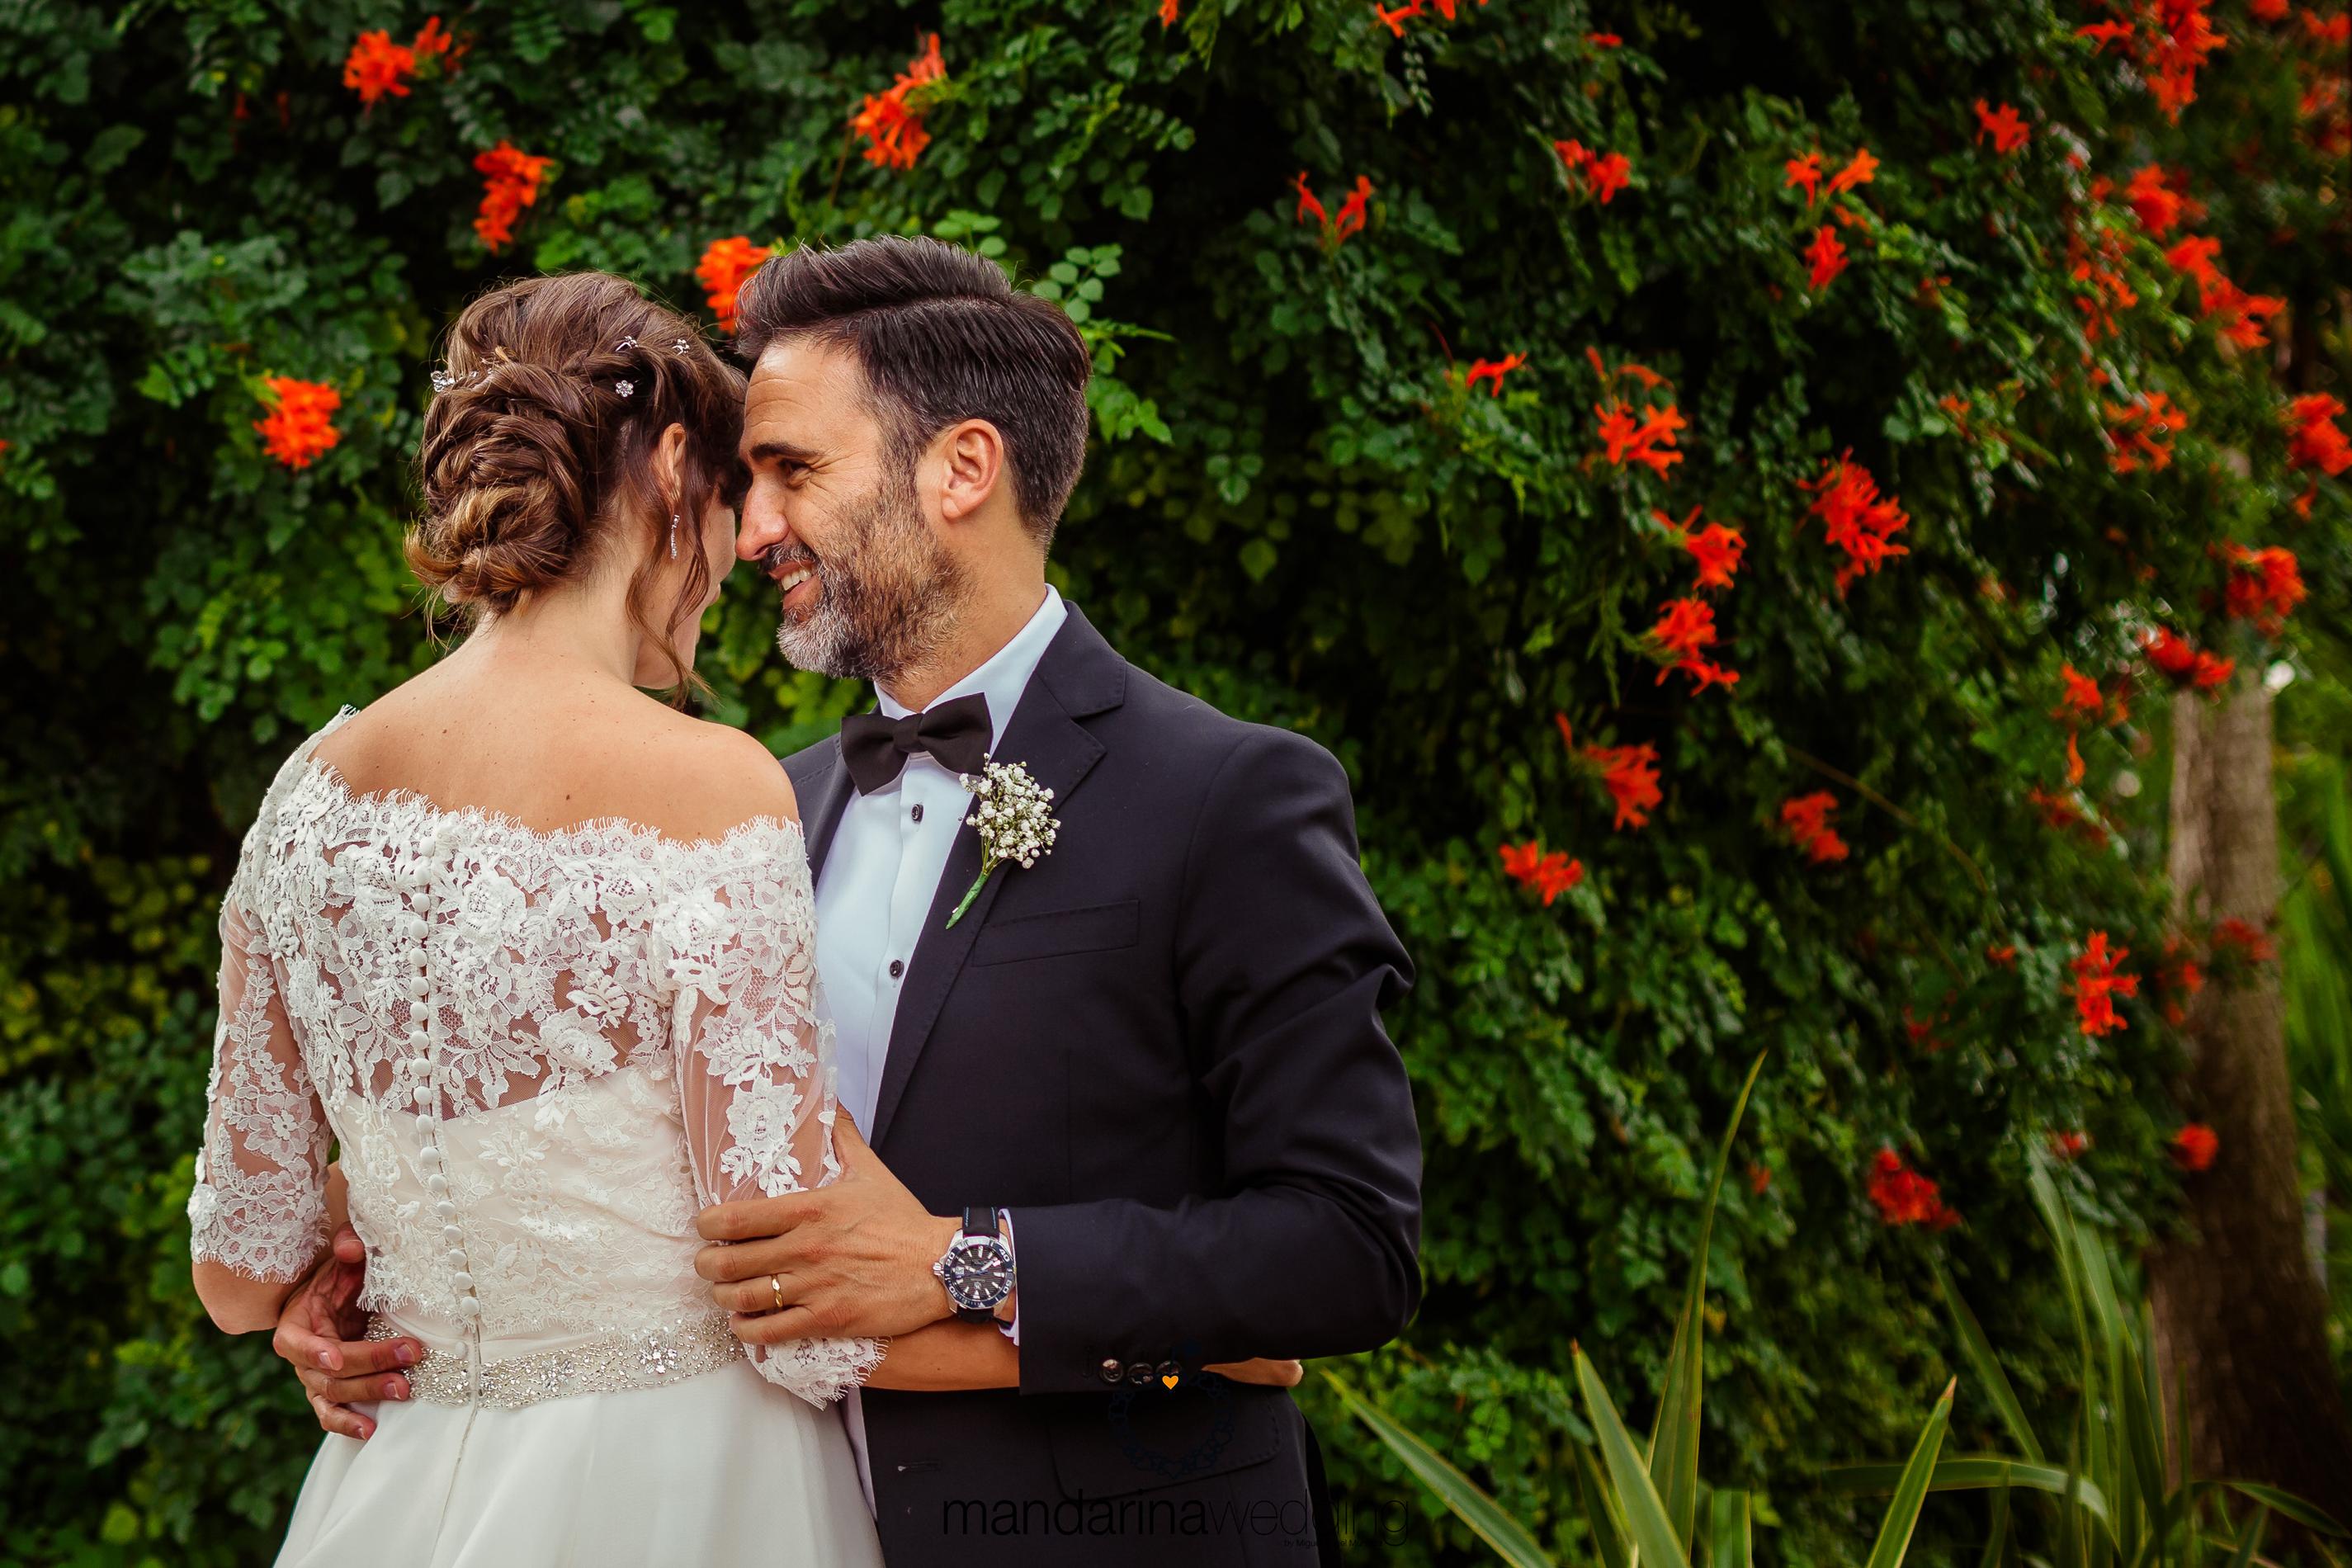 mandarina-wedding-fotografos-boda-zaragoza-bodas-fotografia-de-boda-fotografos-de-boda_20